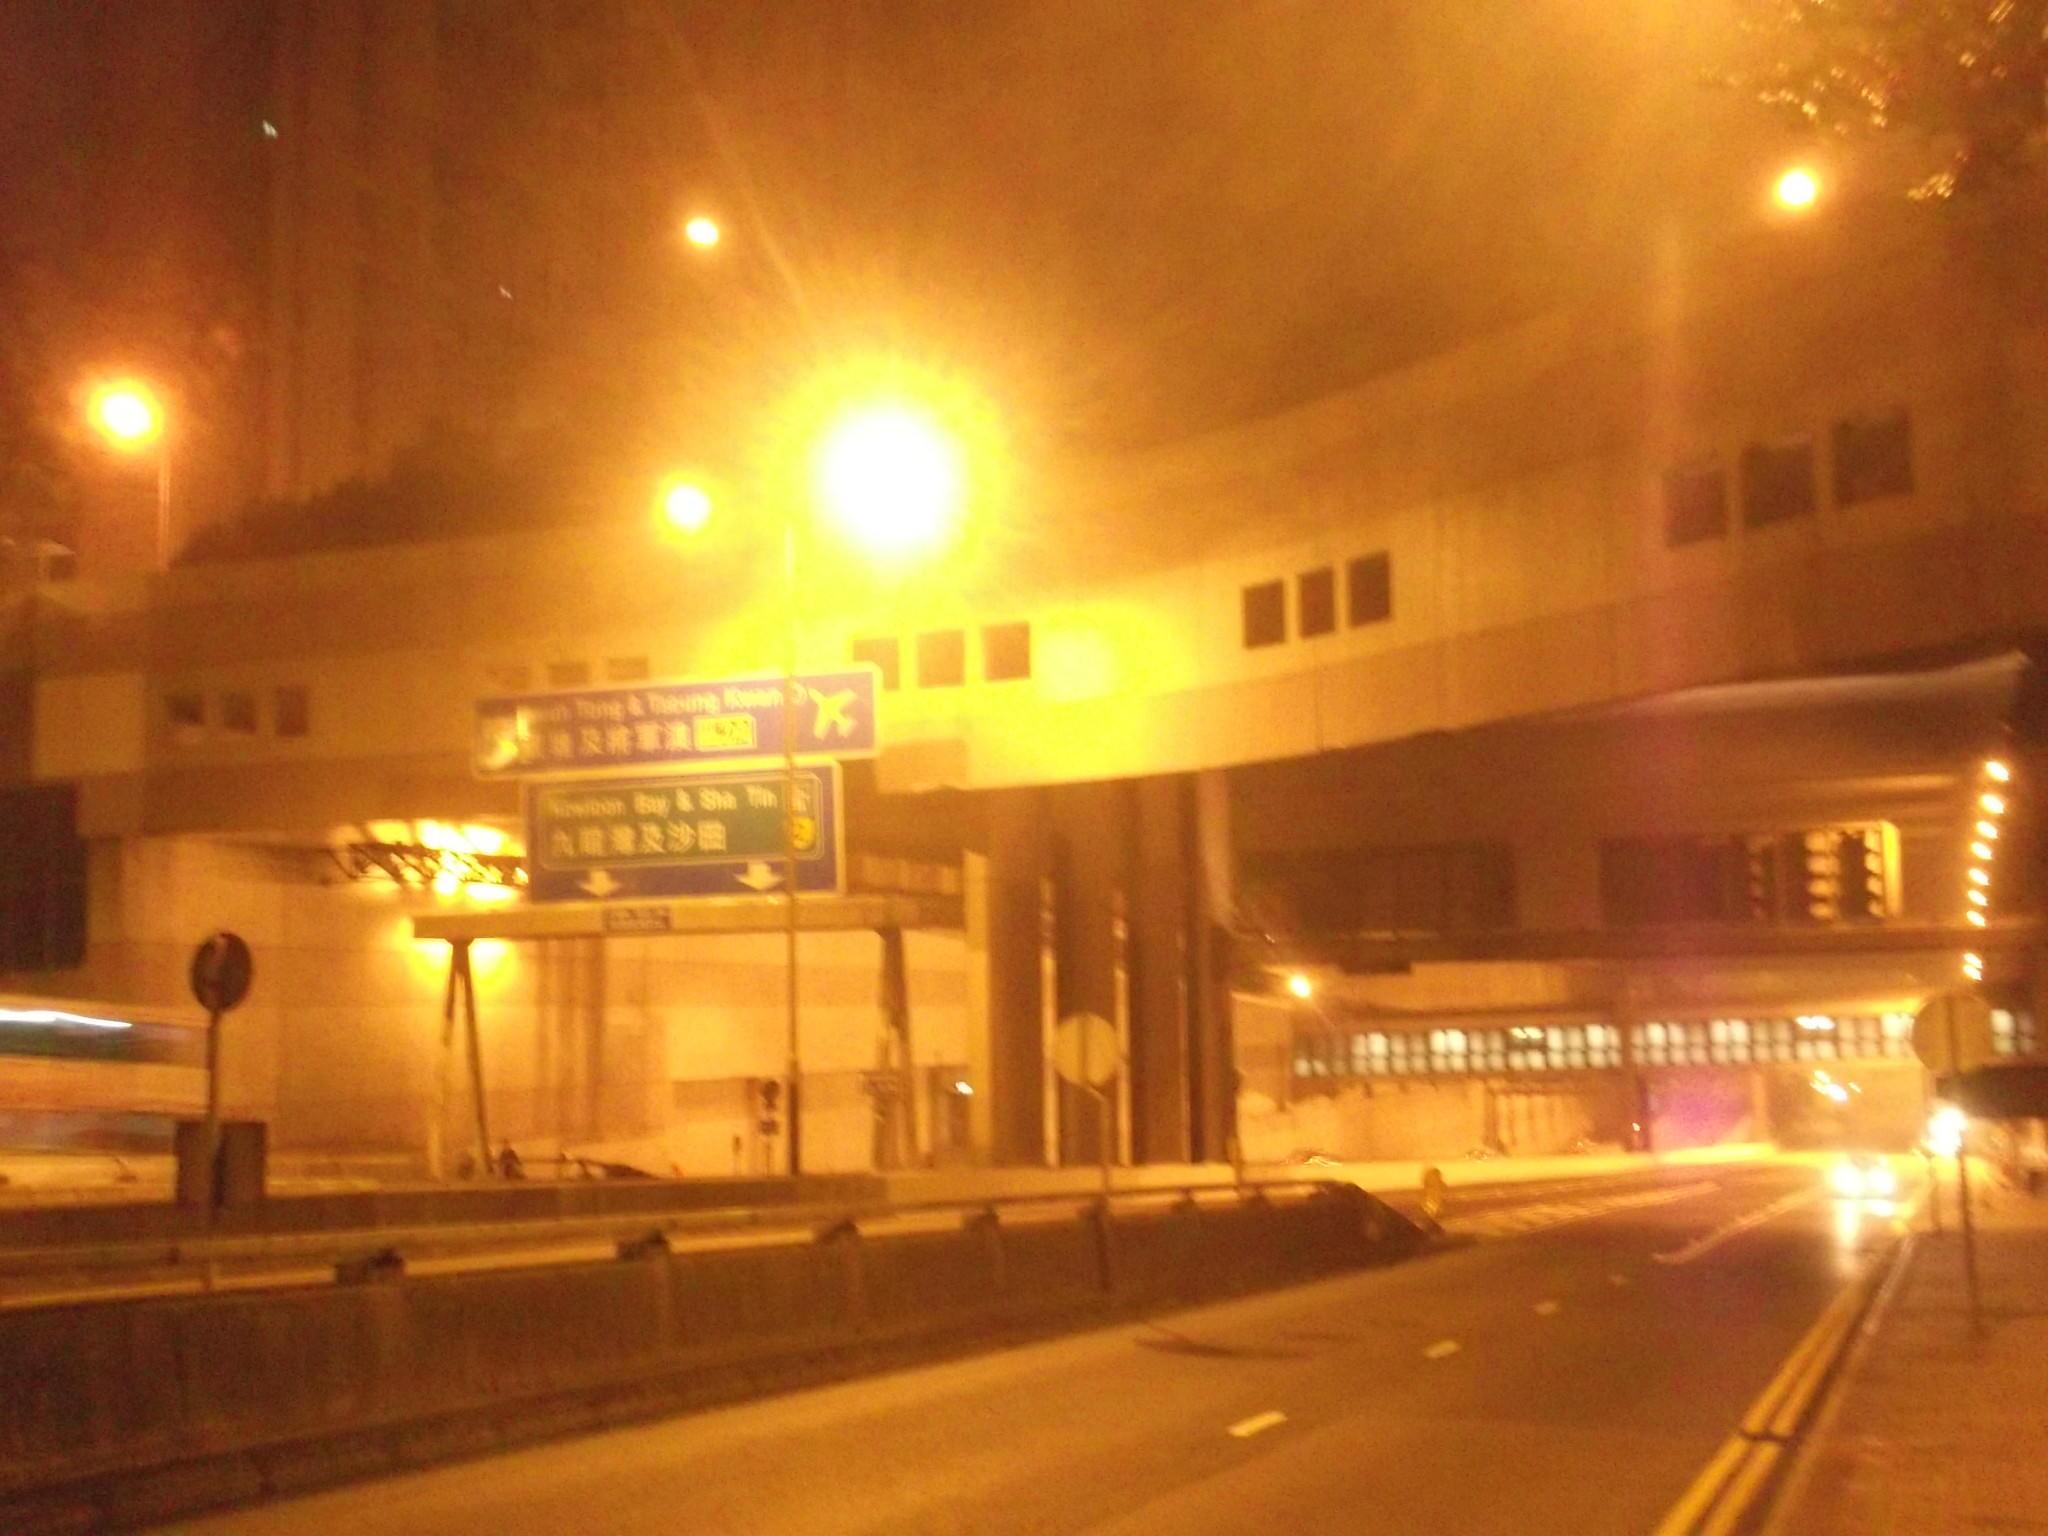 The Kwun Tong to Huanggang 24 hour border bus from Hong Kong to China ...